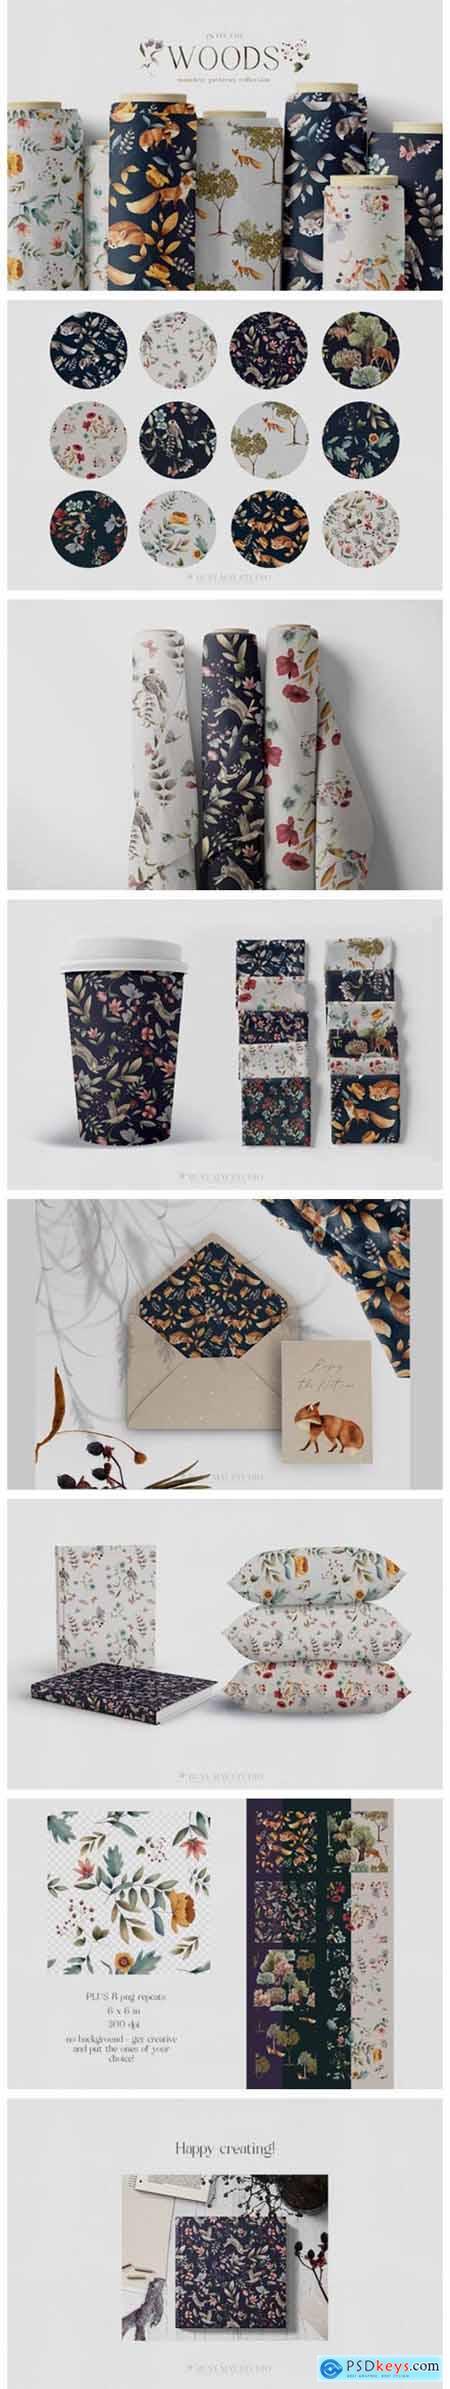 Woodland Scene Seamless Patterns JPEG 8571350